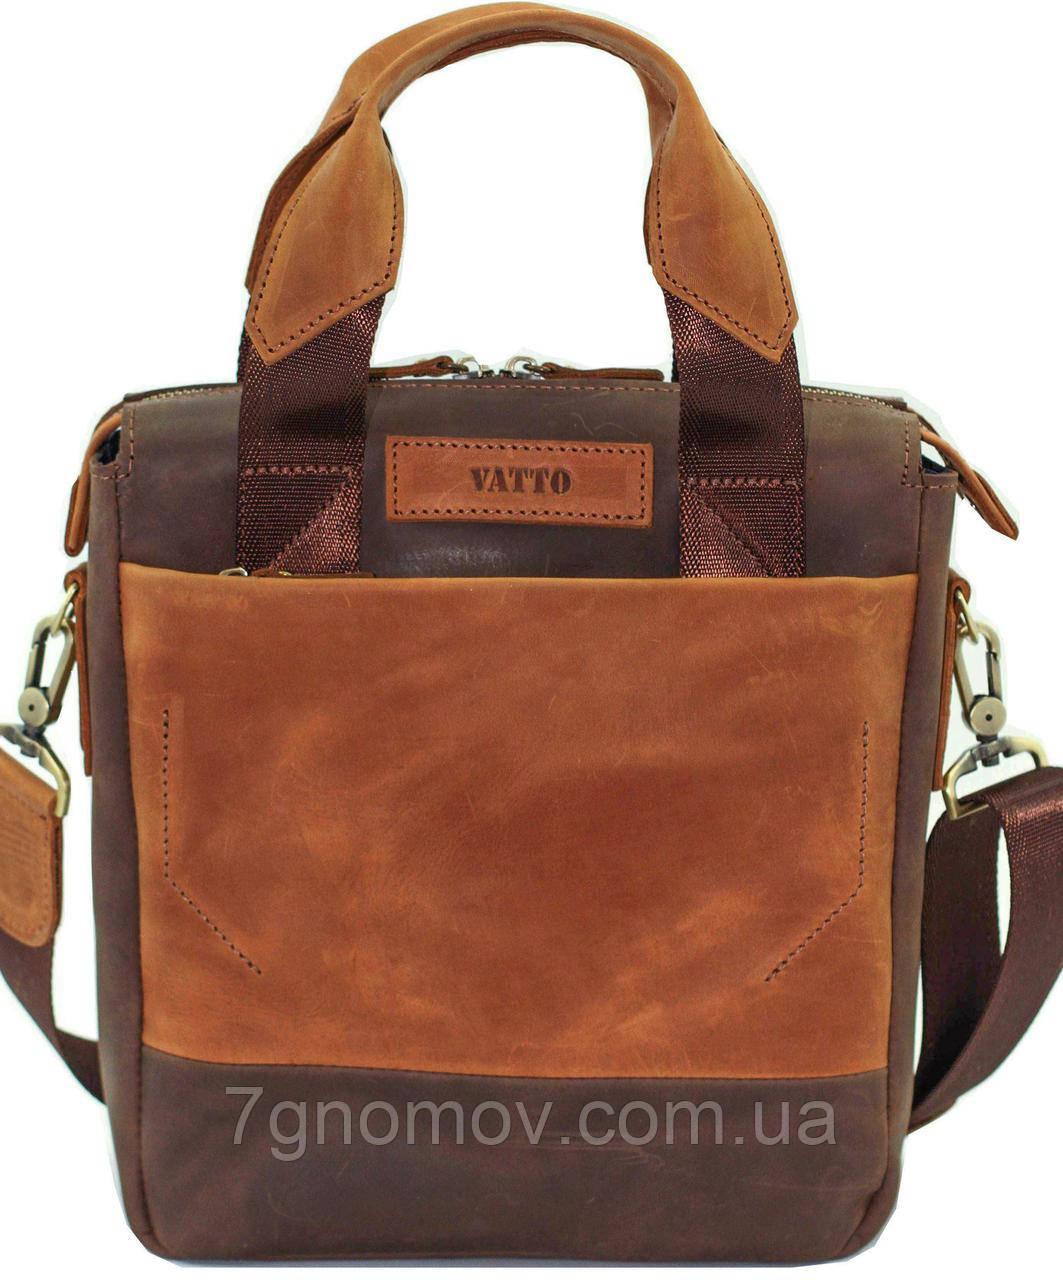 Мужская сумка VATTO Mk33.2 Kr450.190